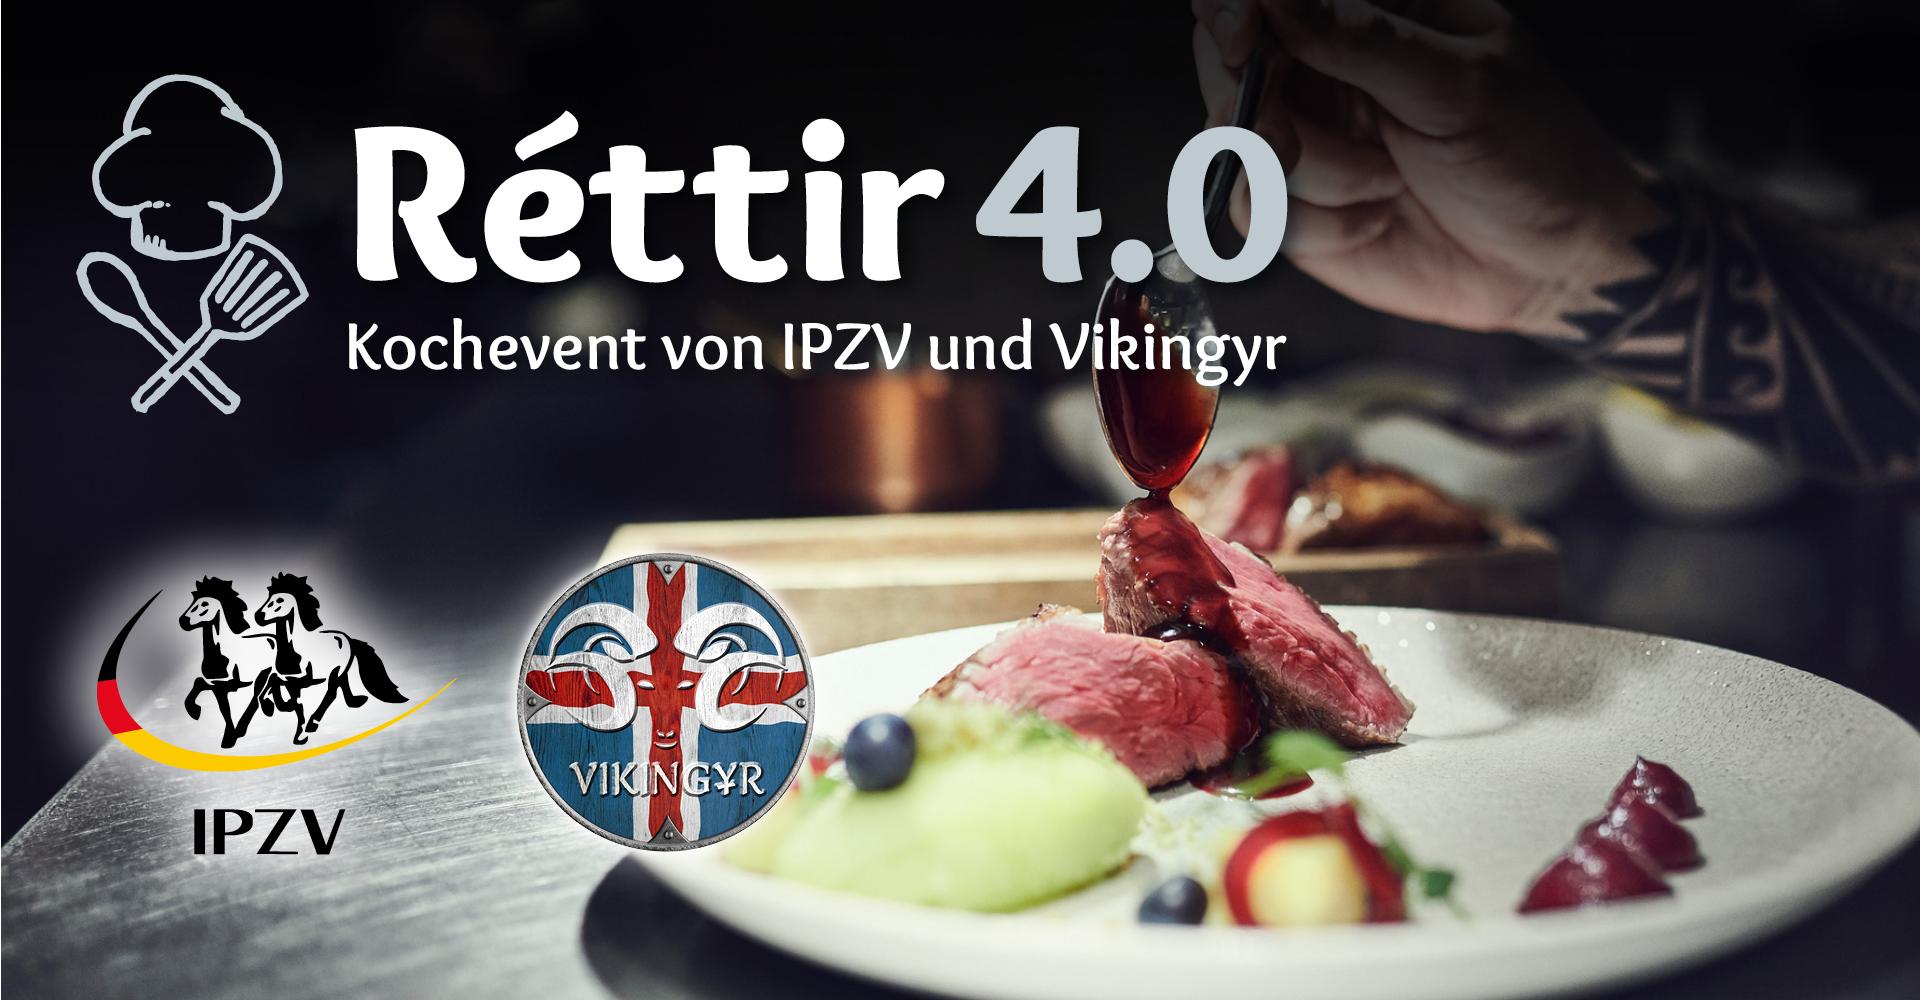 Réttir 4.0 – Kochevent von IPZV und Vikingyr